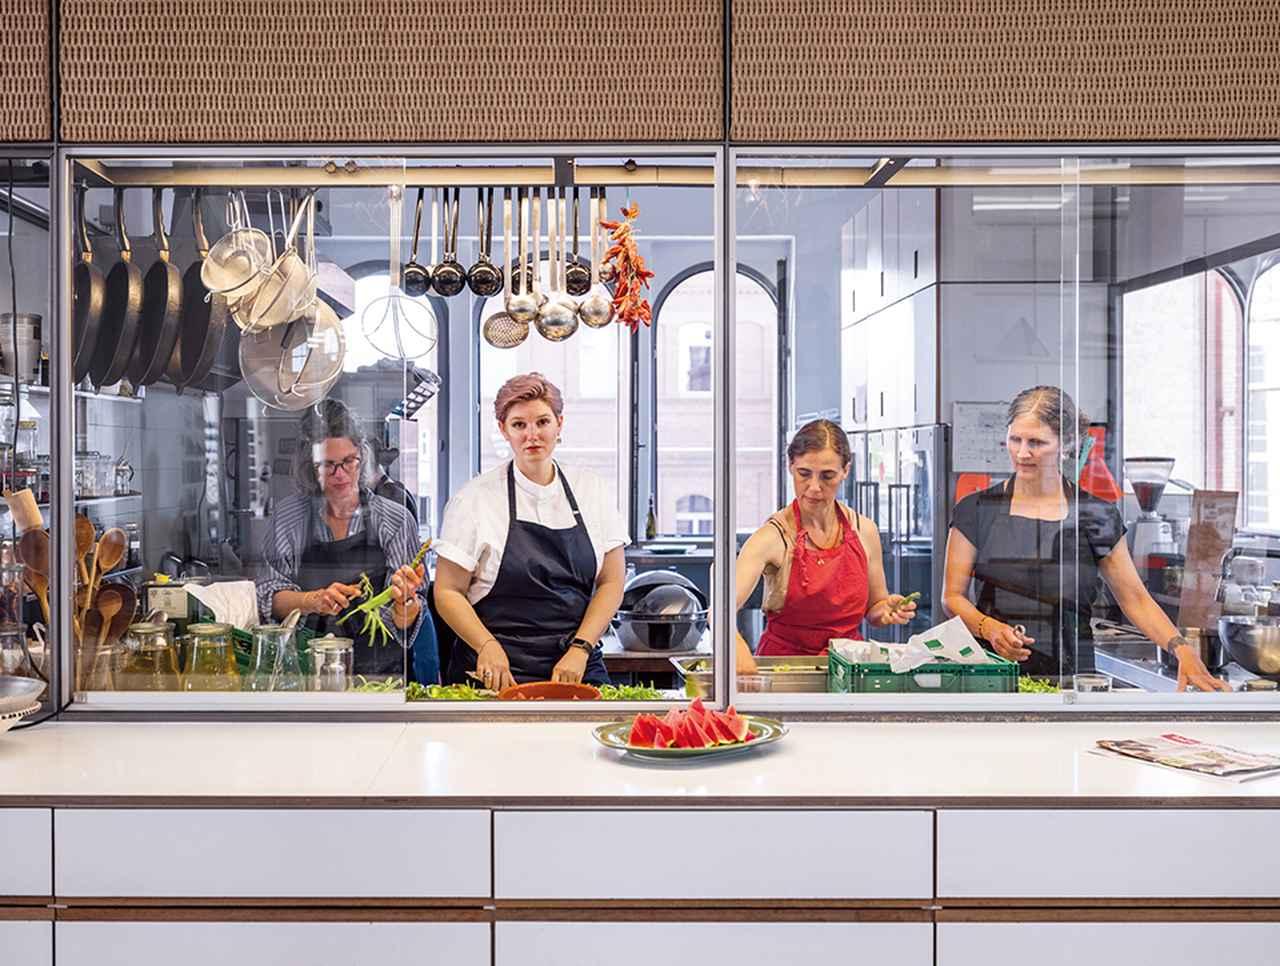 """Images : 2番目の画像 - 「ベルリンのキッチン・プロジェクト 「SOE」が問いかける """"食べる""""ことの本当の意味」のアルバム - T JAPAN:The New York Times Style Magazine 公式サイト"""